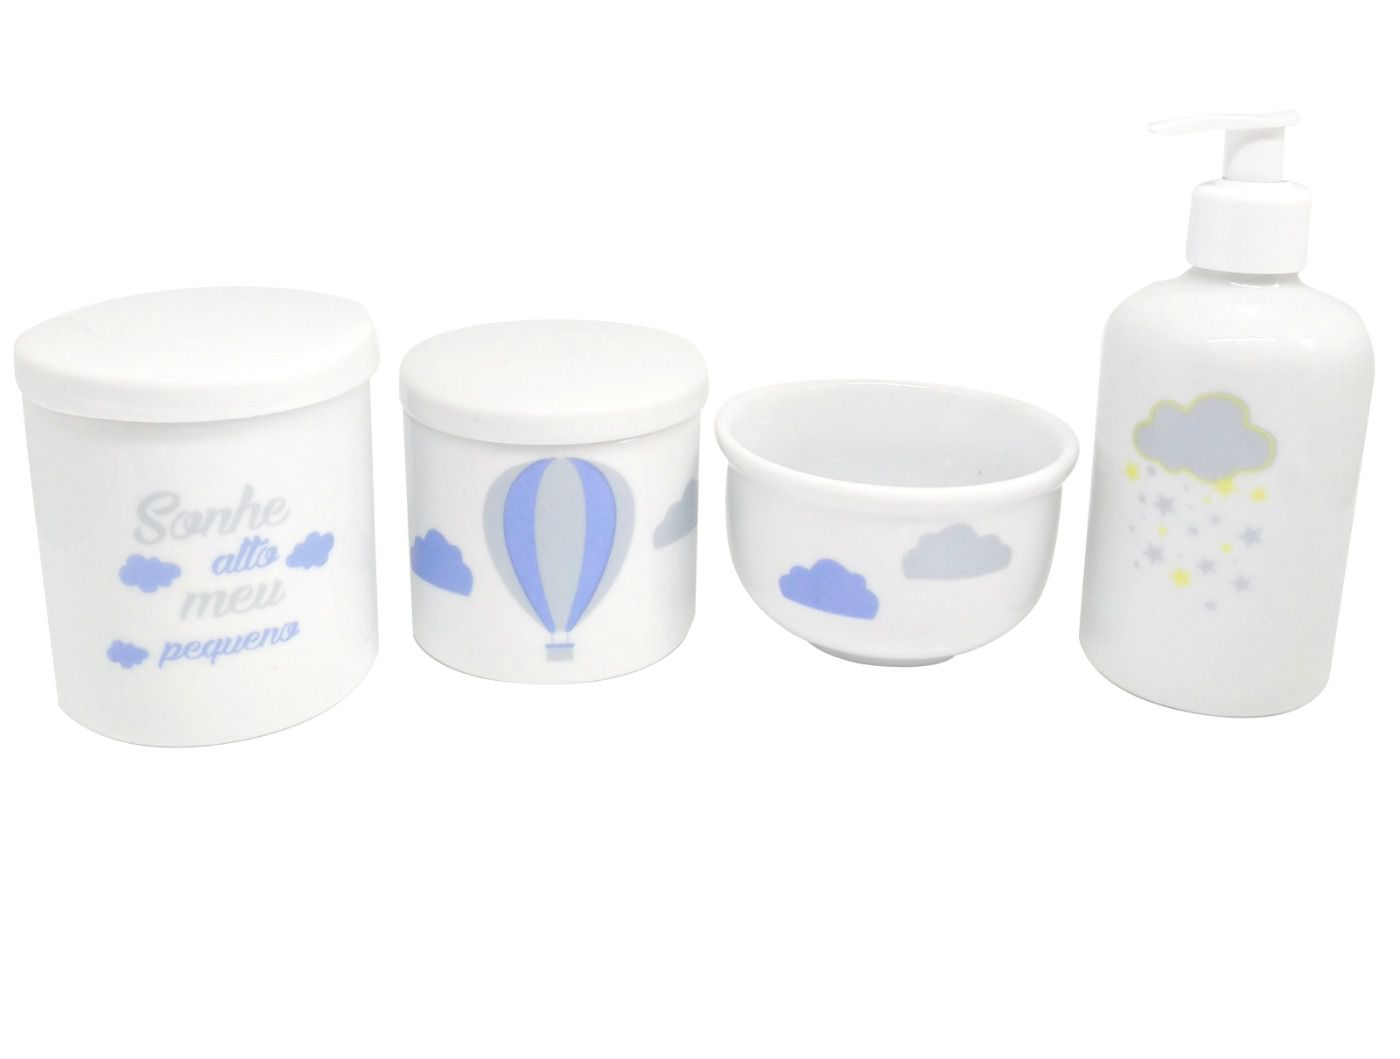 Kit Higiene Bebê Porcelana | Sonhe Alto Meu Pequeno & Balão Azul & Nuvem & Chuva de Estrelas Amarelas e Cinzas| 4 peças